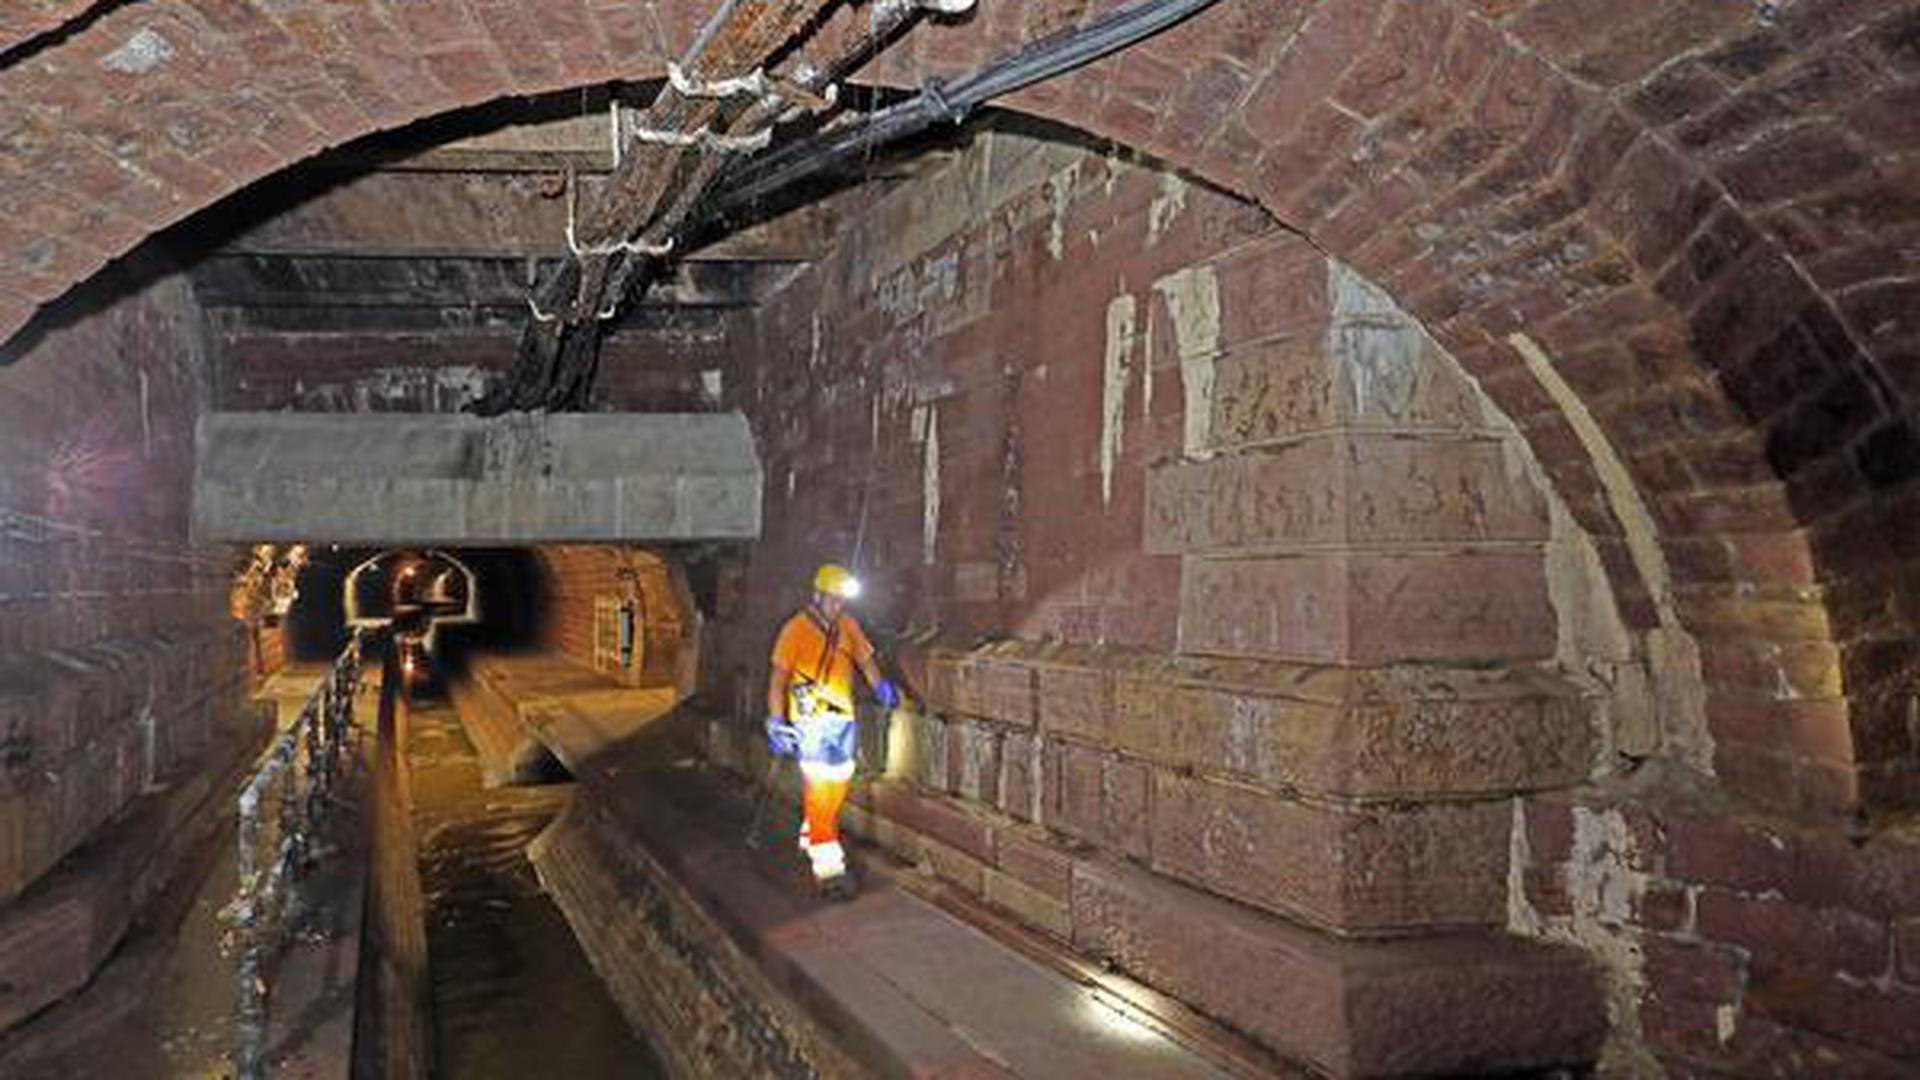 Bis zu 5,70 Meter im Durchmesser ist das Sandstein-Gewölbe in der Karlsruher Kanalisation hoch.